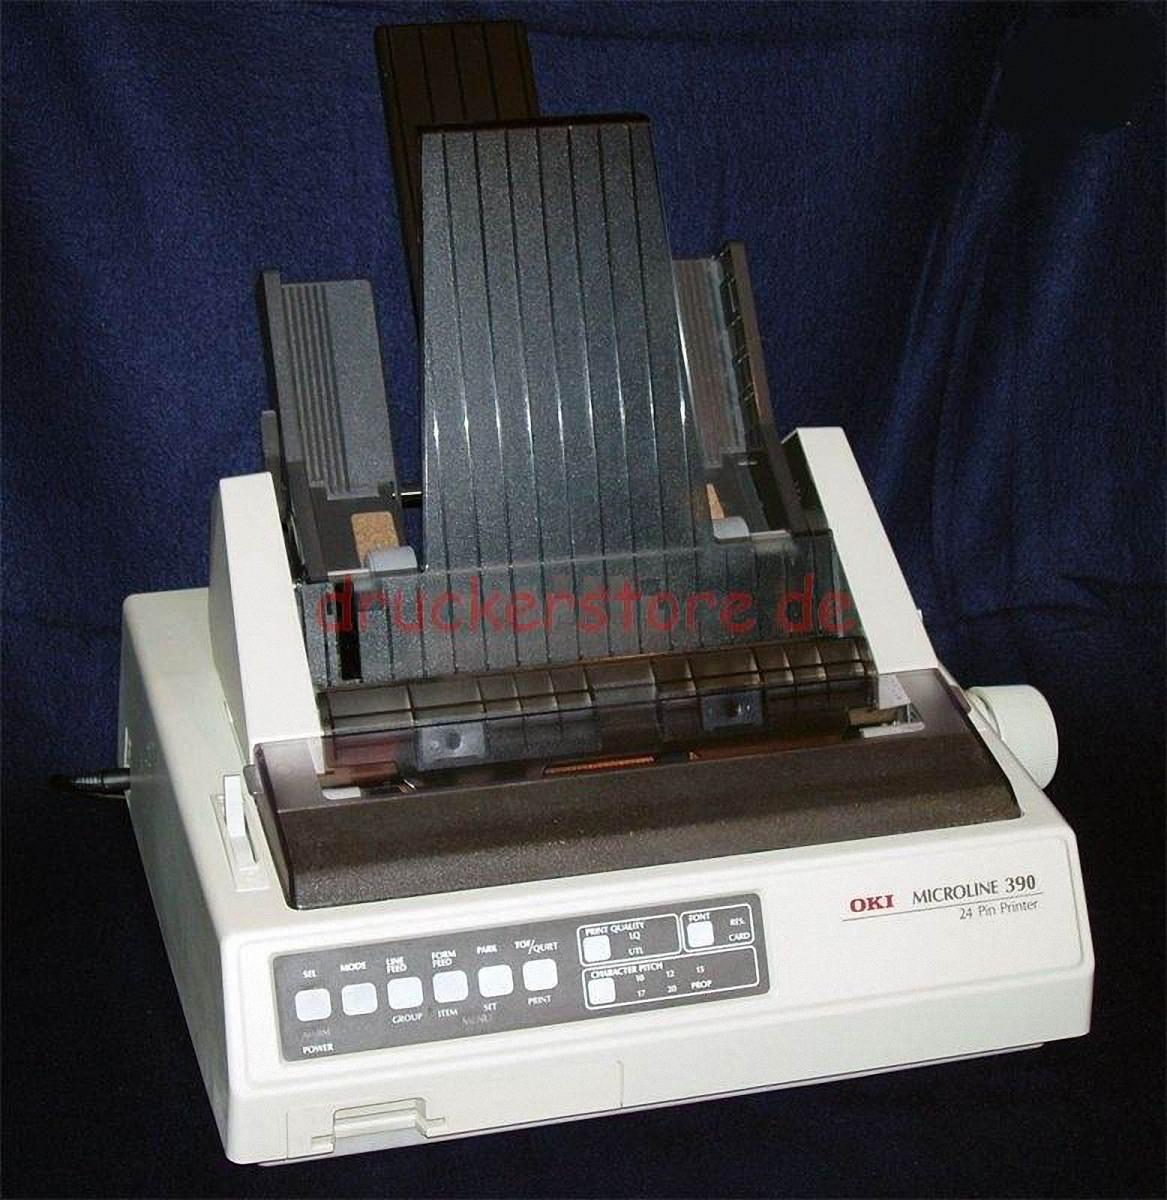 Oki Microline 390